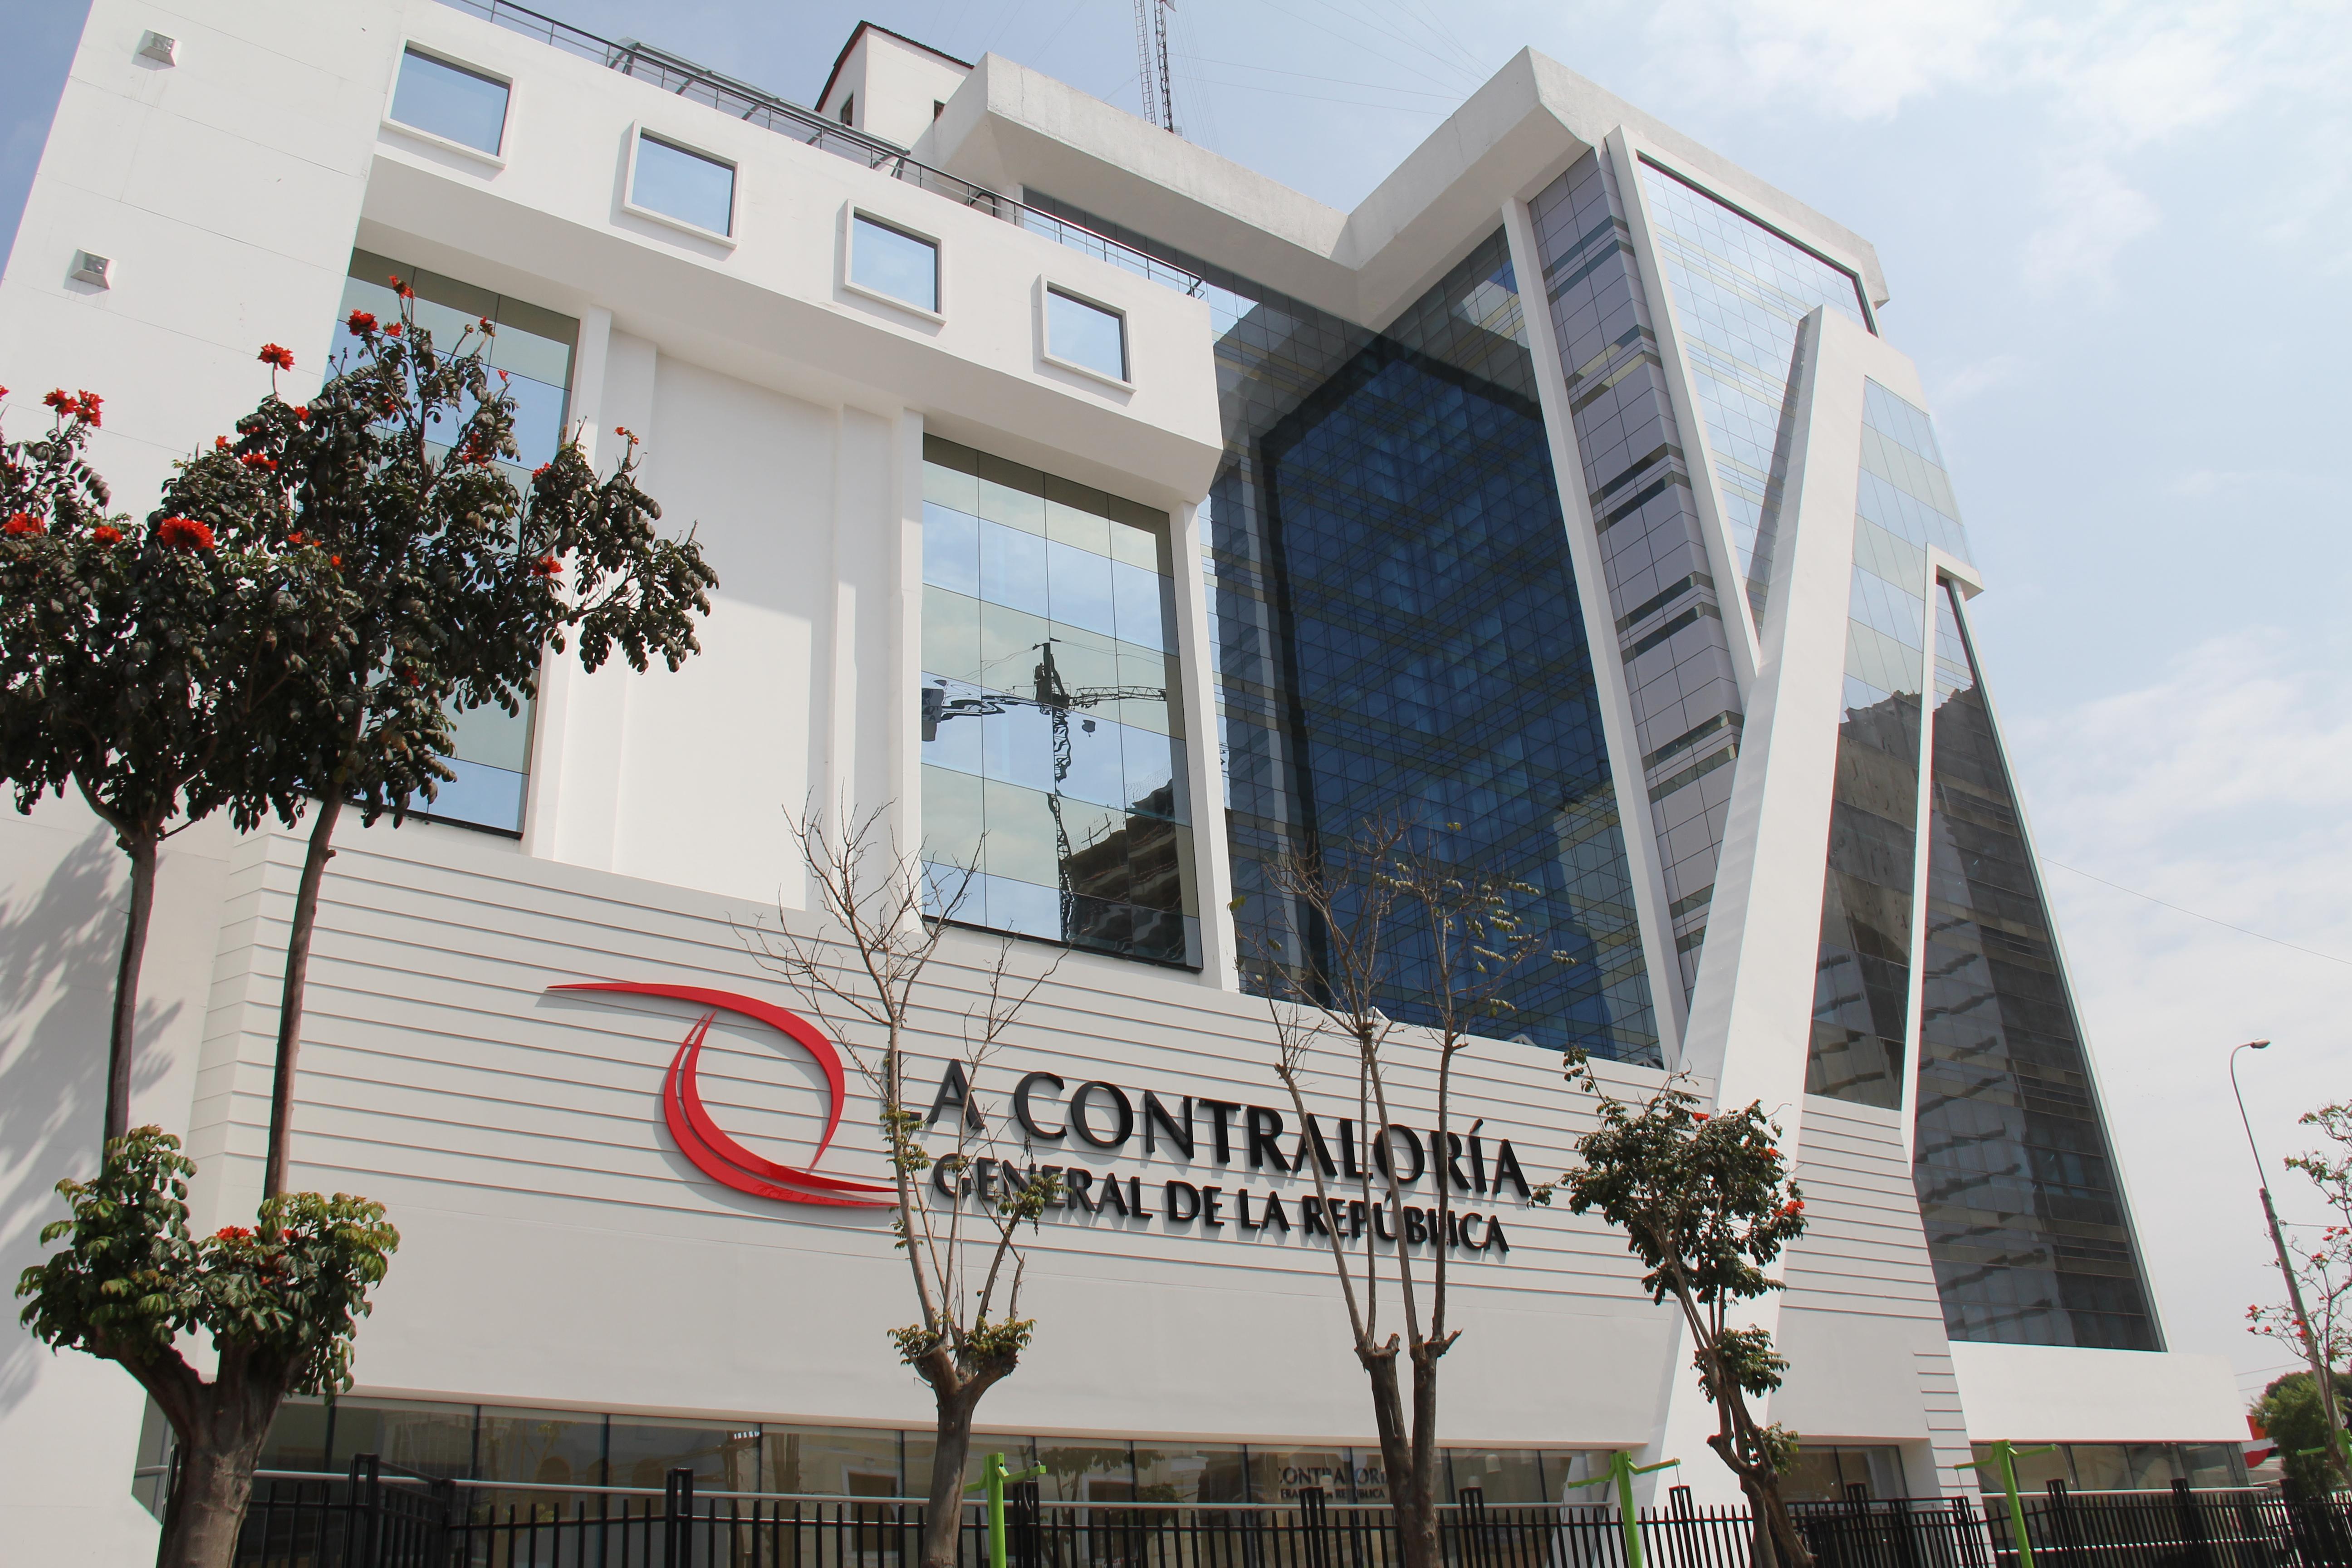 Contraloría General De La República Del Perú Wikipedia La